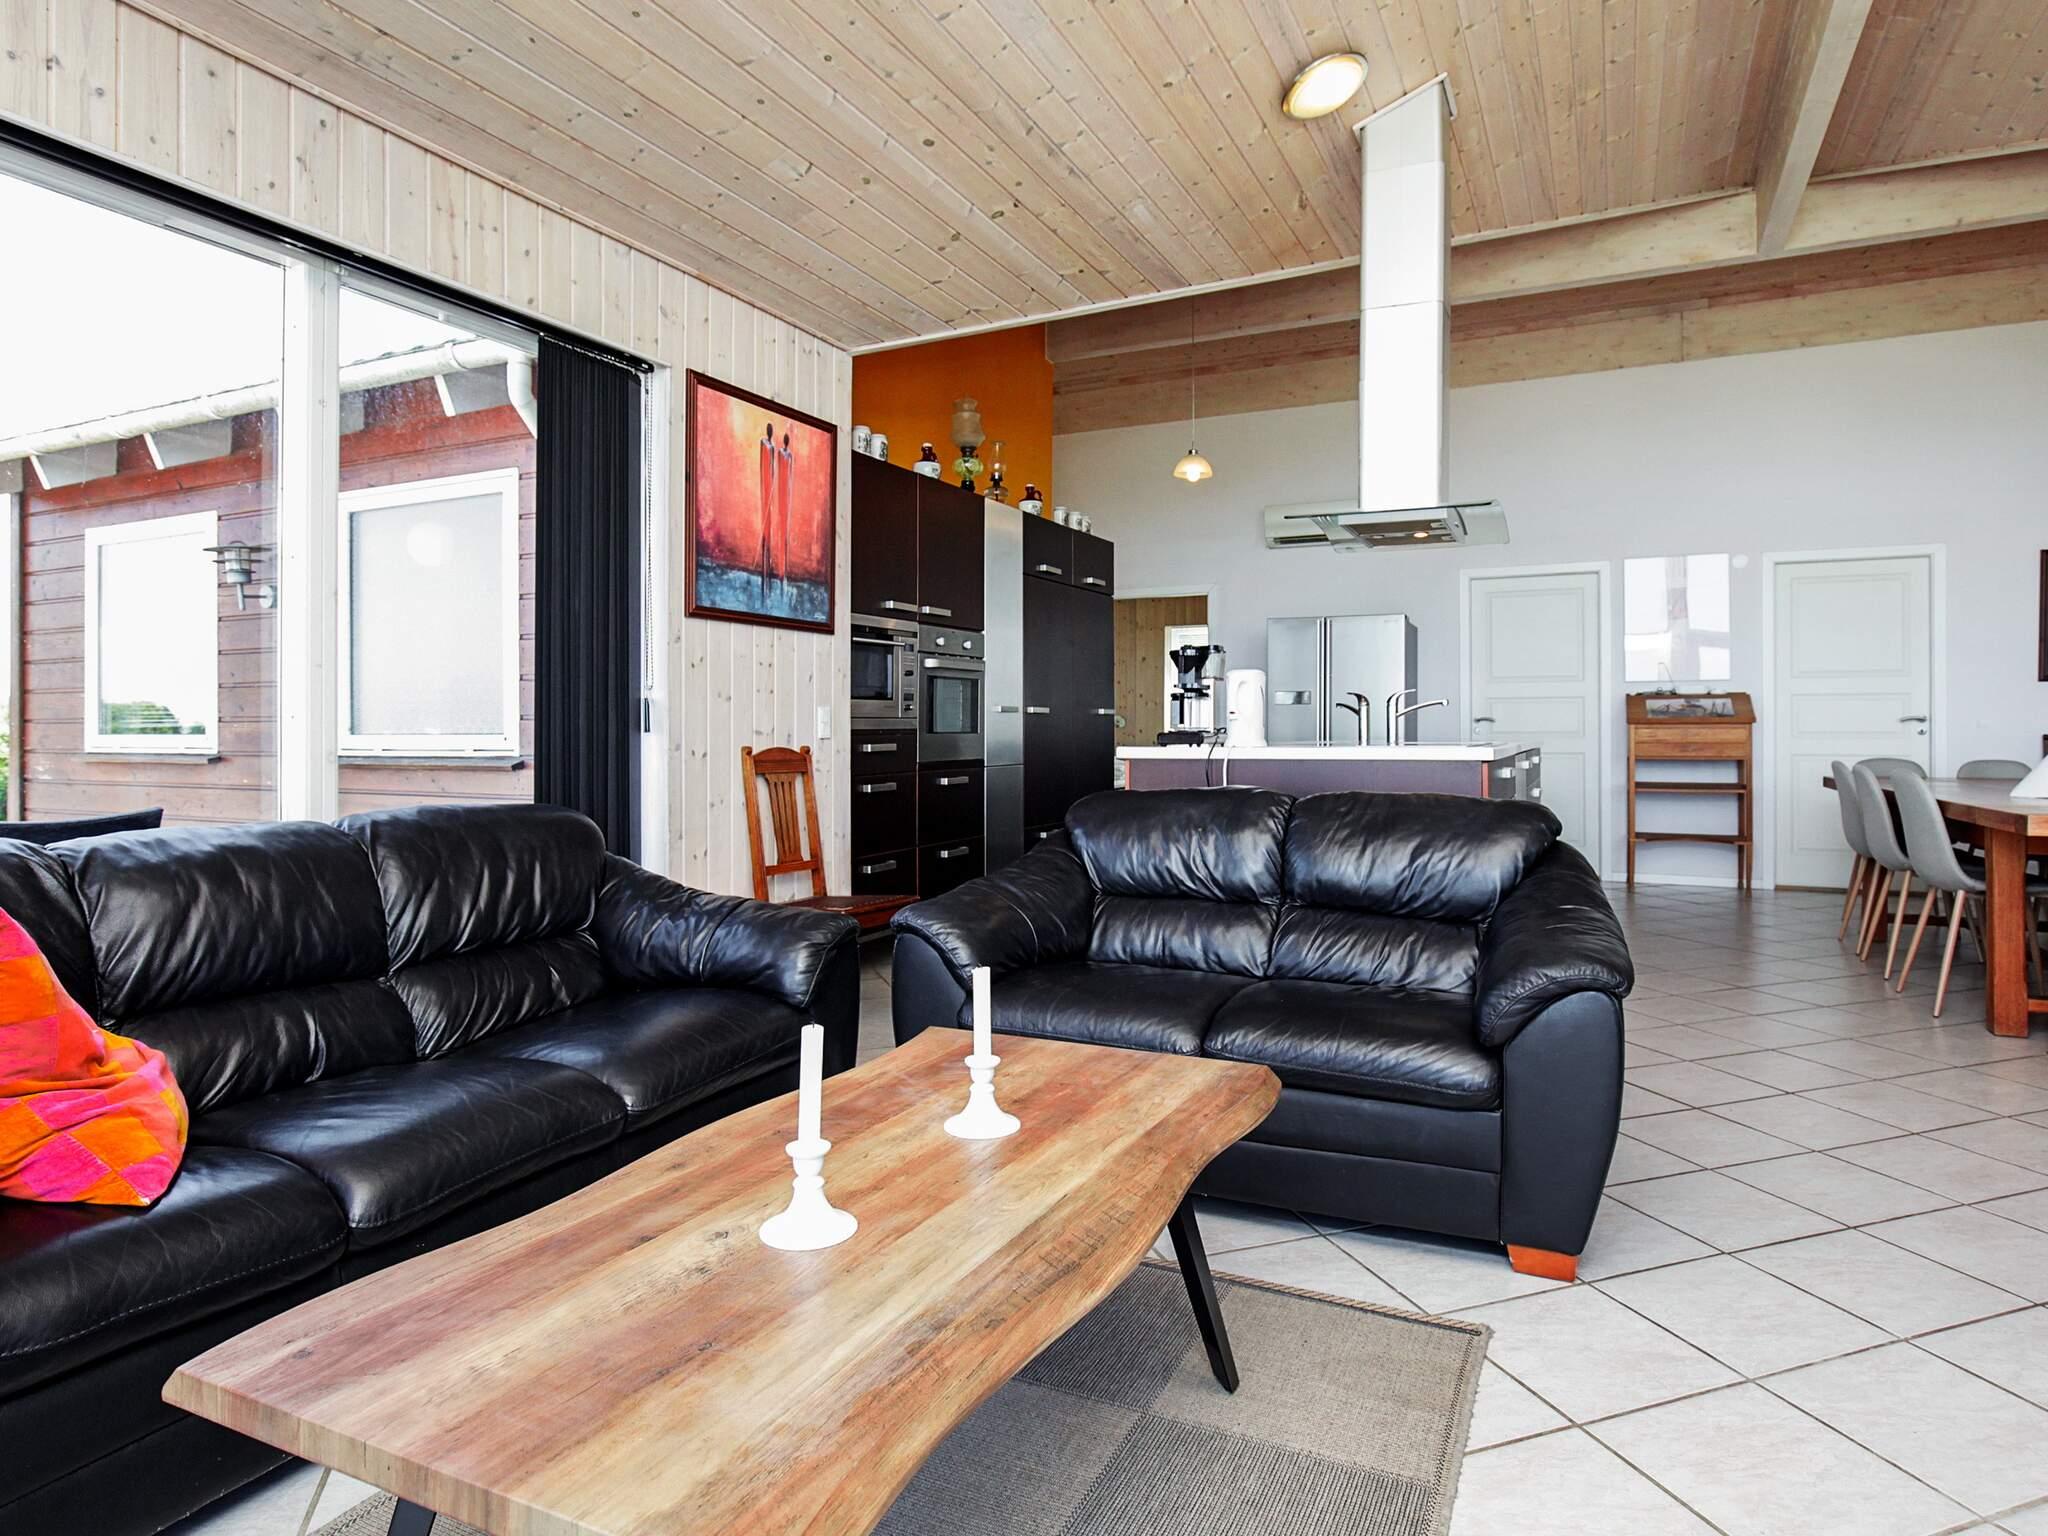 Ferienhaus Veddinge Bakker (2355598), Veddinge, , Westseeland, Dänemark, Bild 14